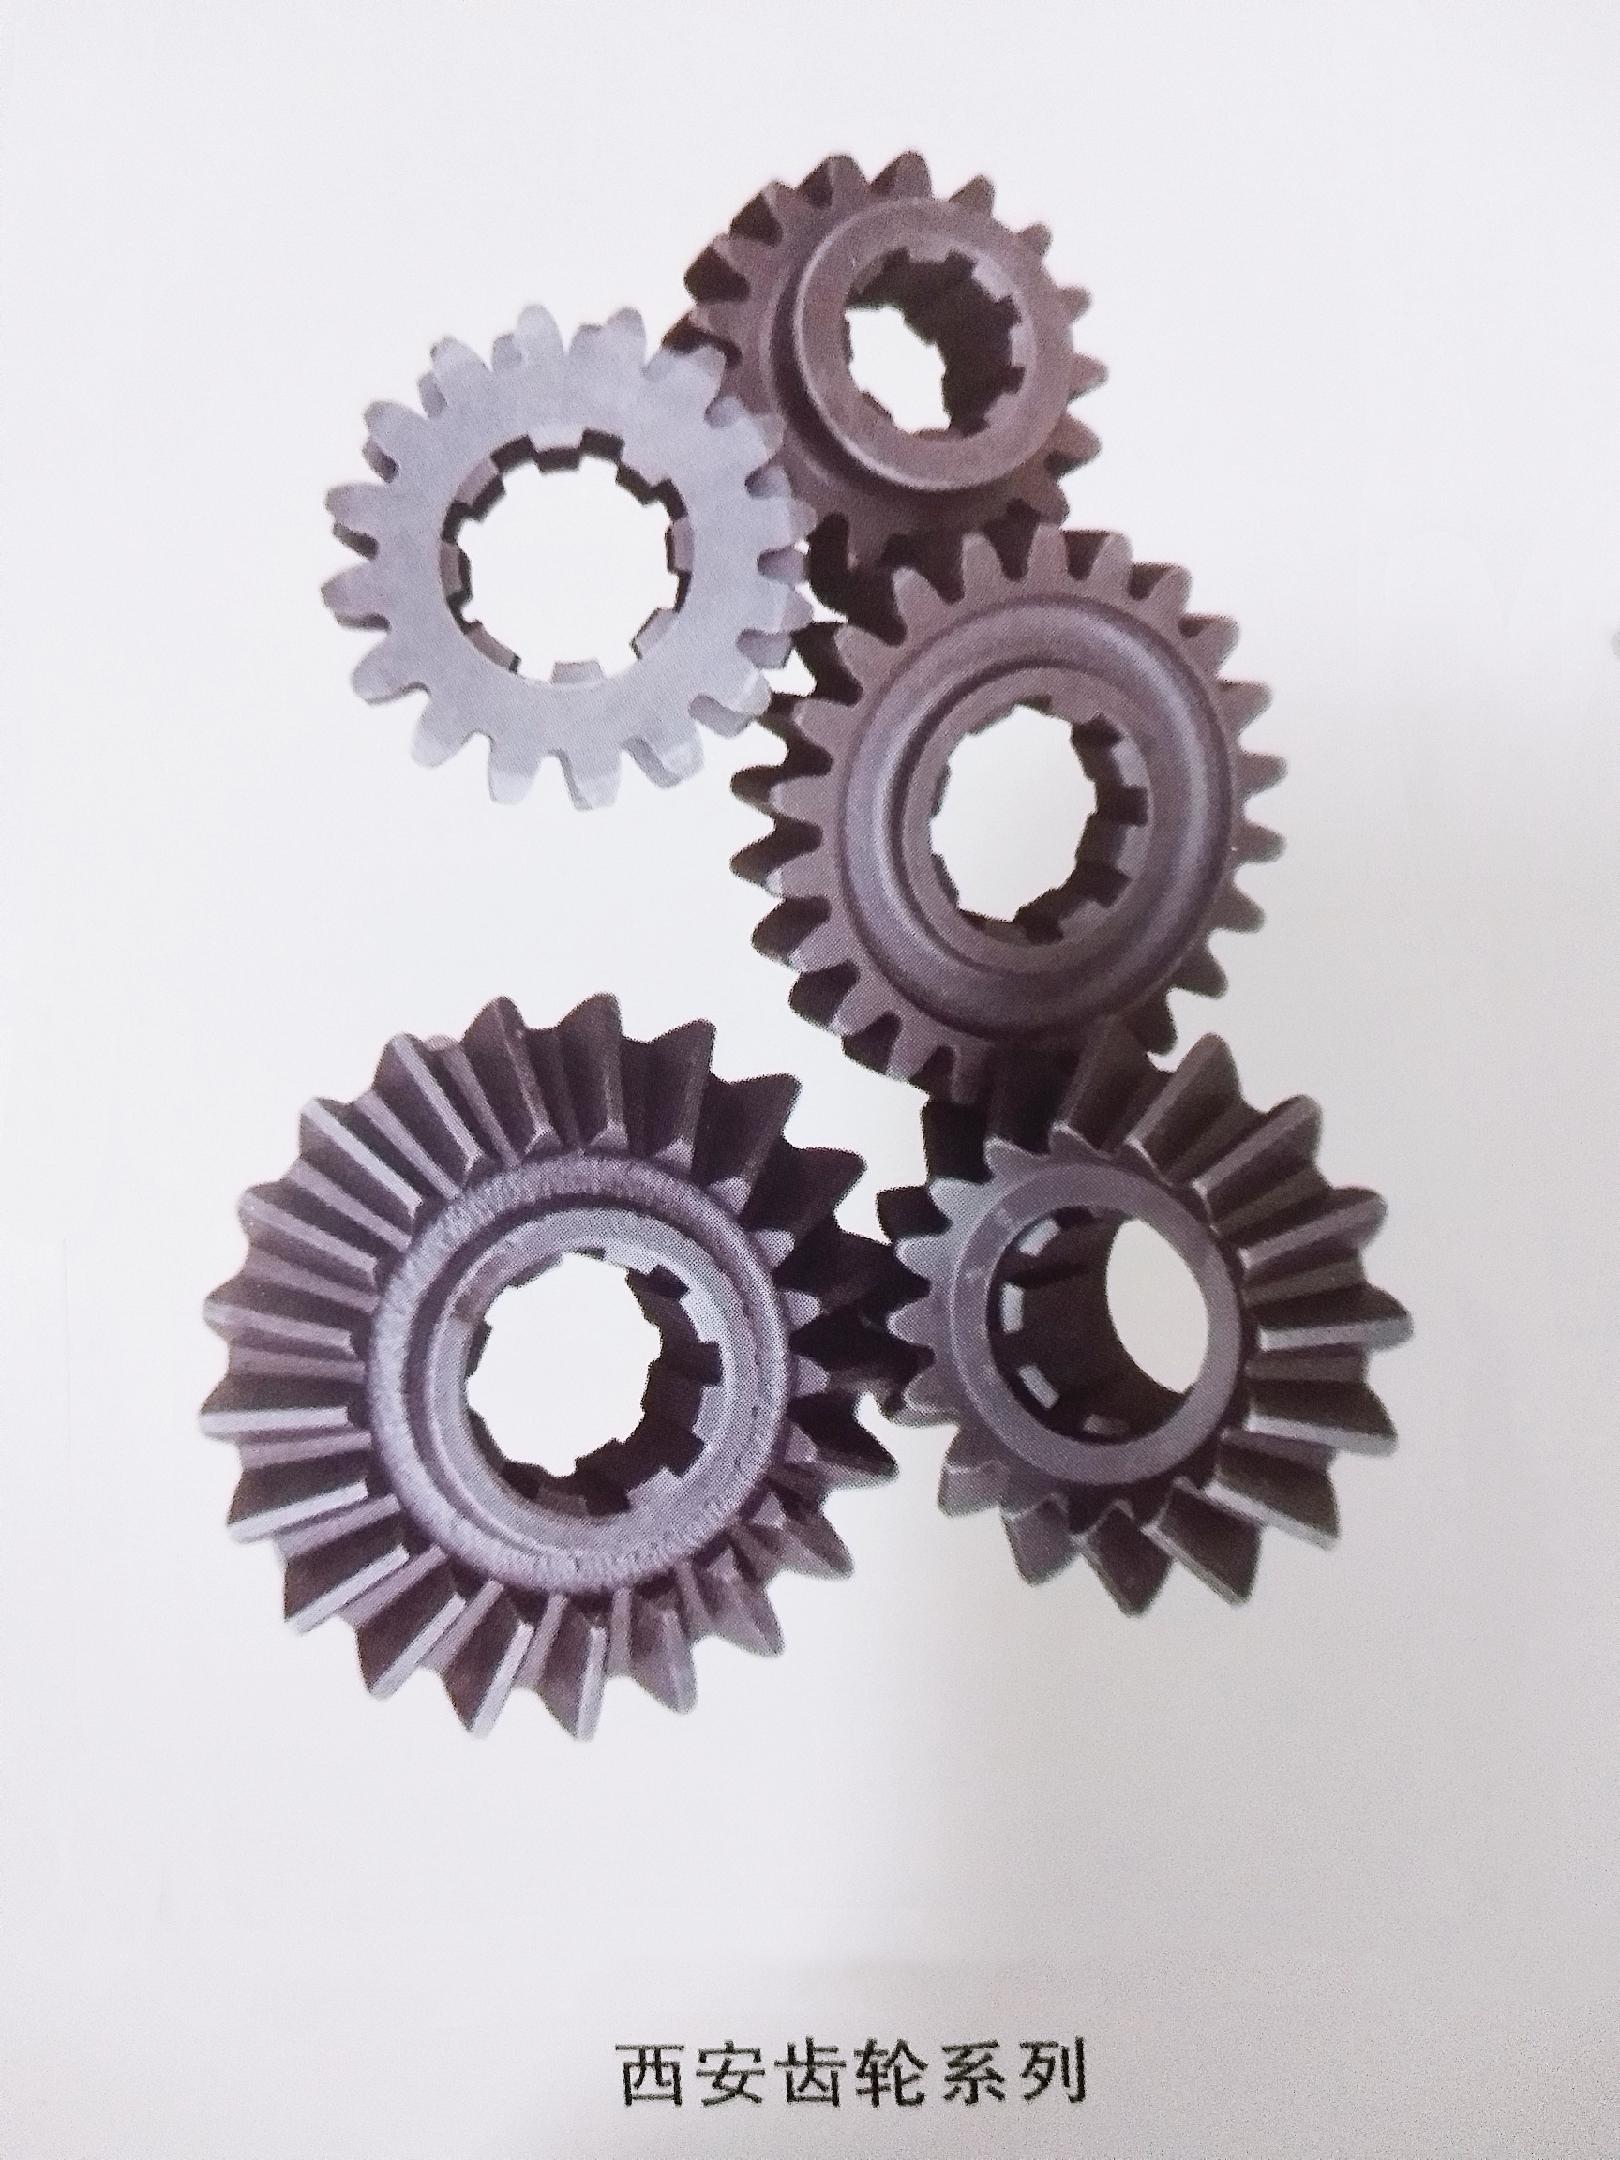 西安齿轮采购报价 西安齿轮厂家 批发 齿轮定制 价格